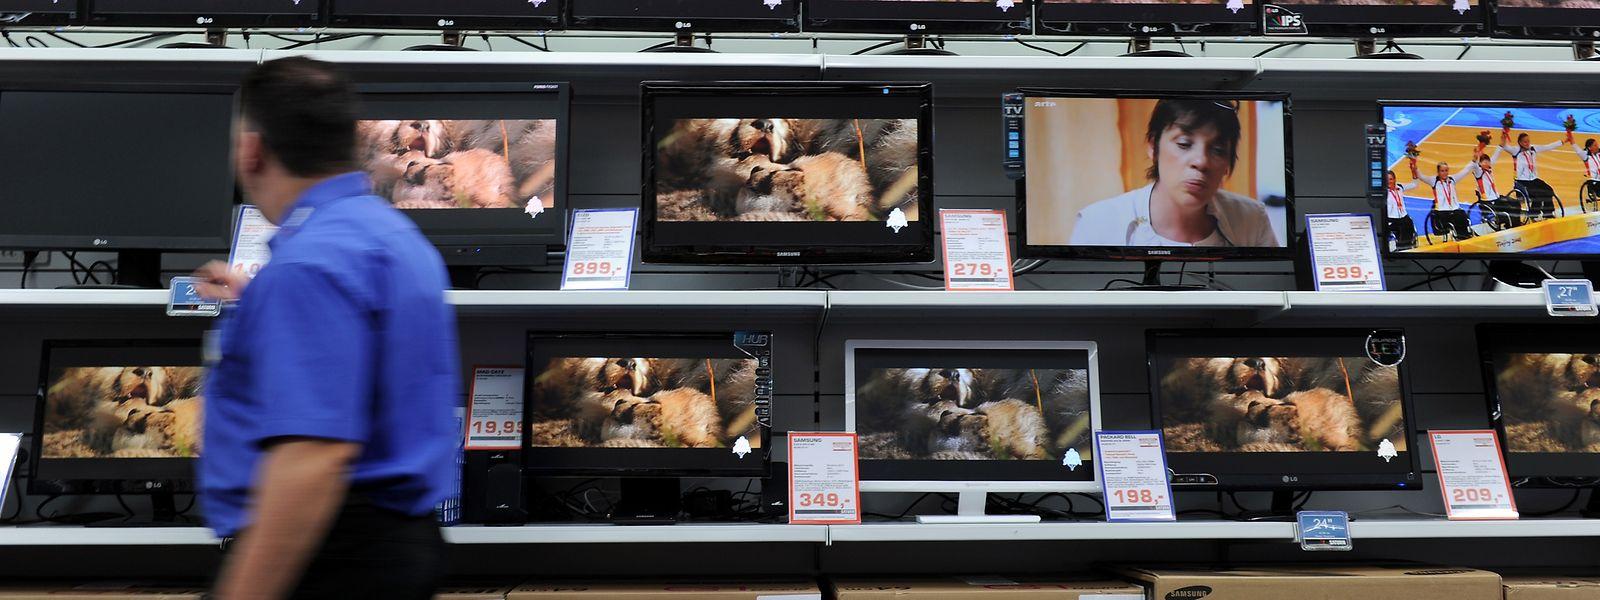 Die Qual der Wahl: Monitore gibt es in allen Größen und Preisklassen wie den sprichtwörtlichen Sand am Meer.